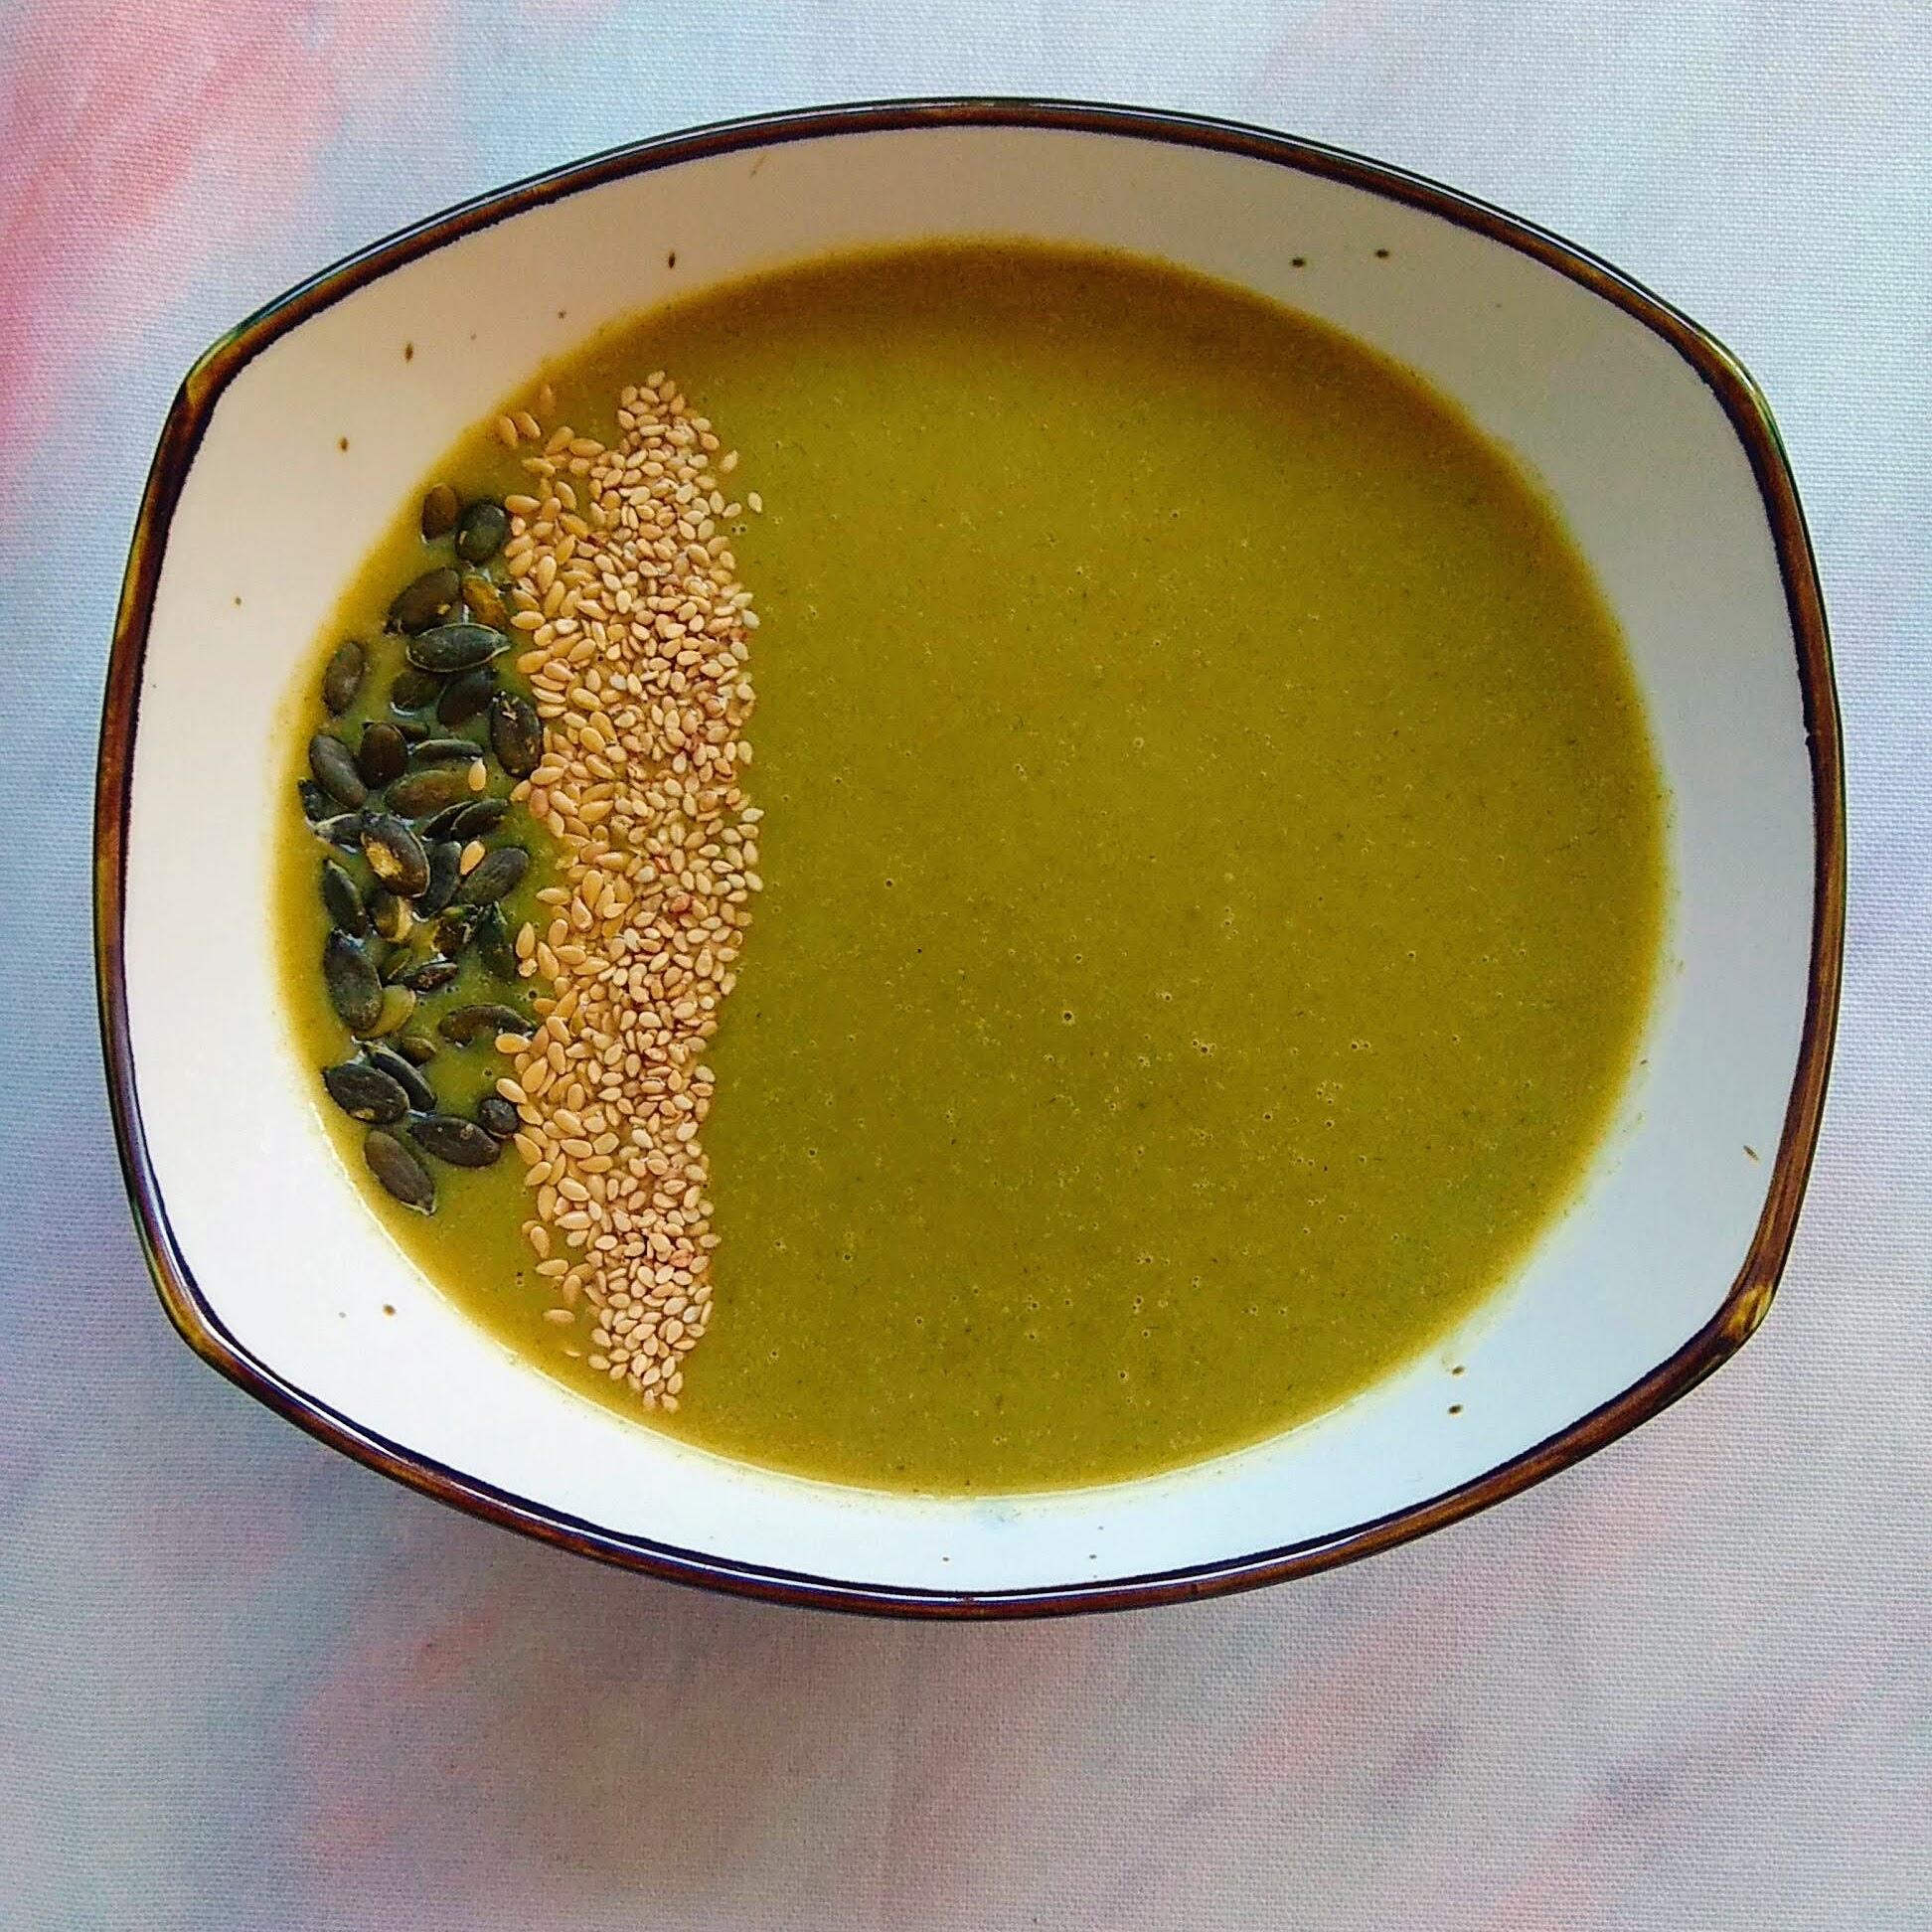 Receta fácil de Crema de acelgas ligera. Descúbrela en: www.cocinandoconlola.com